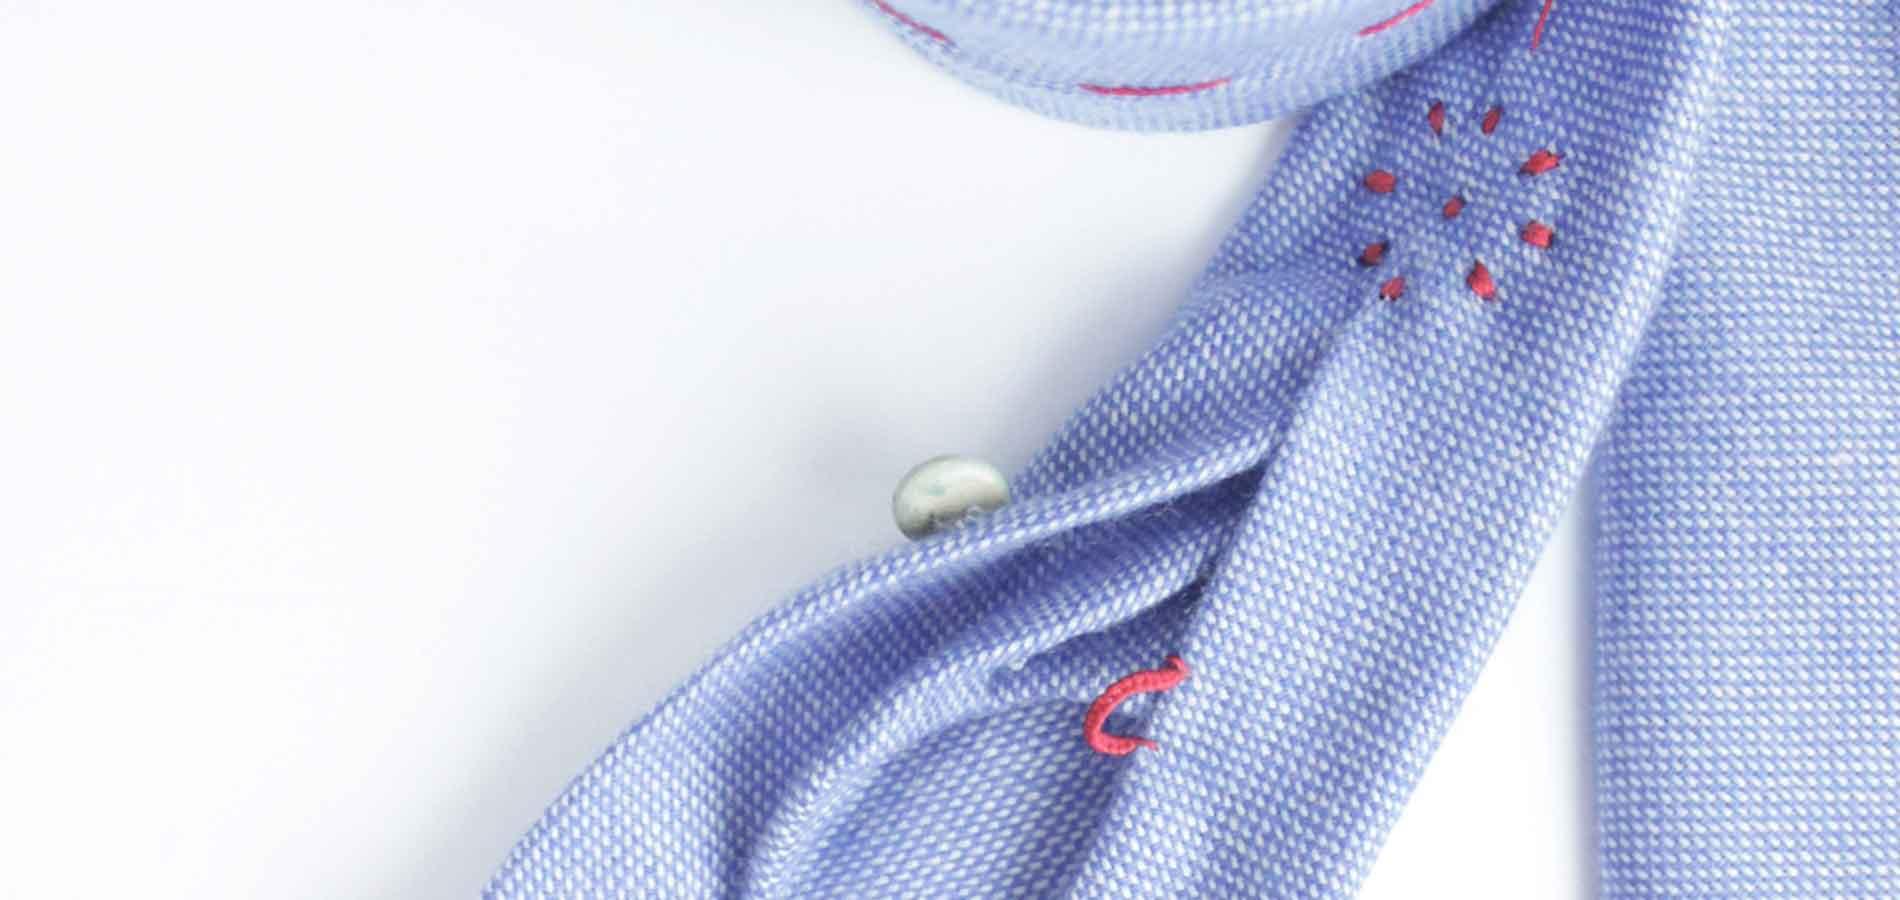 cravatta-7-pieghe-cashmere-2